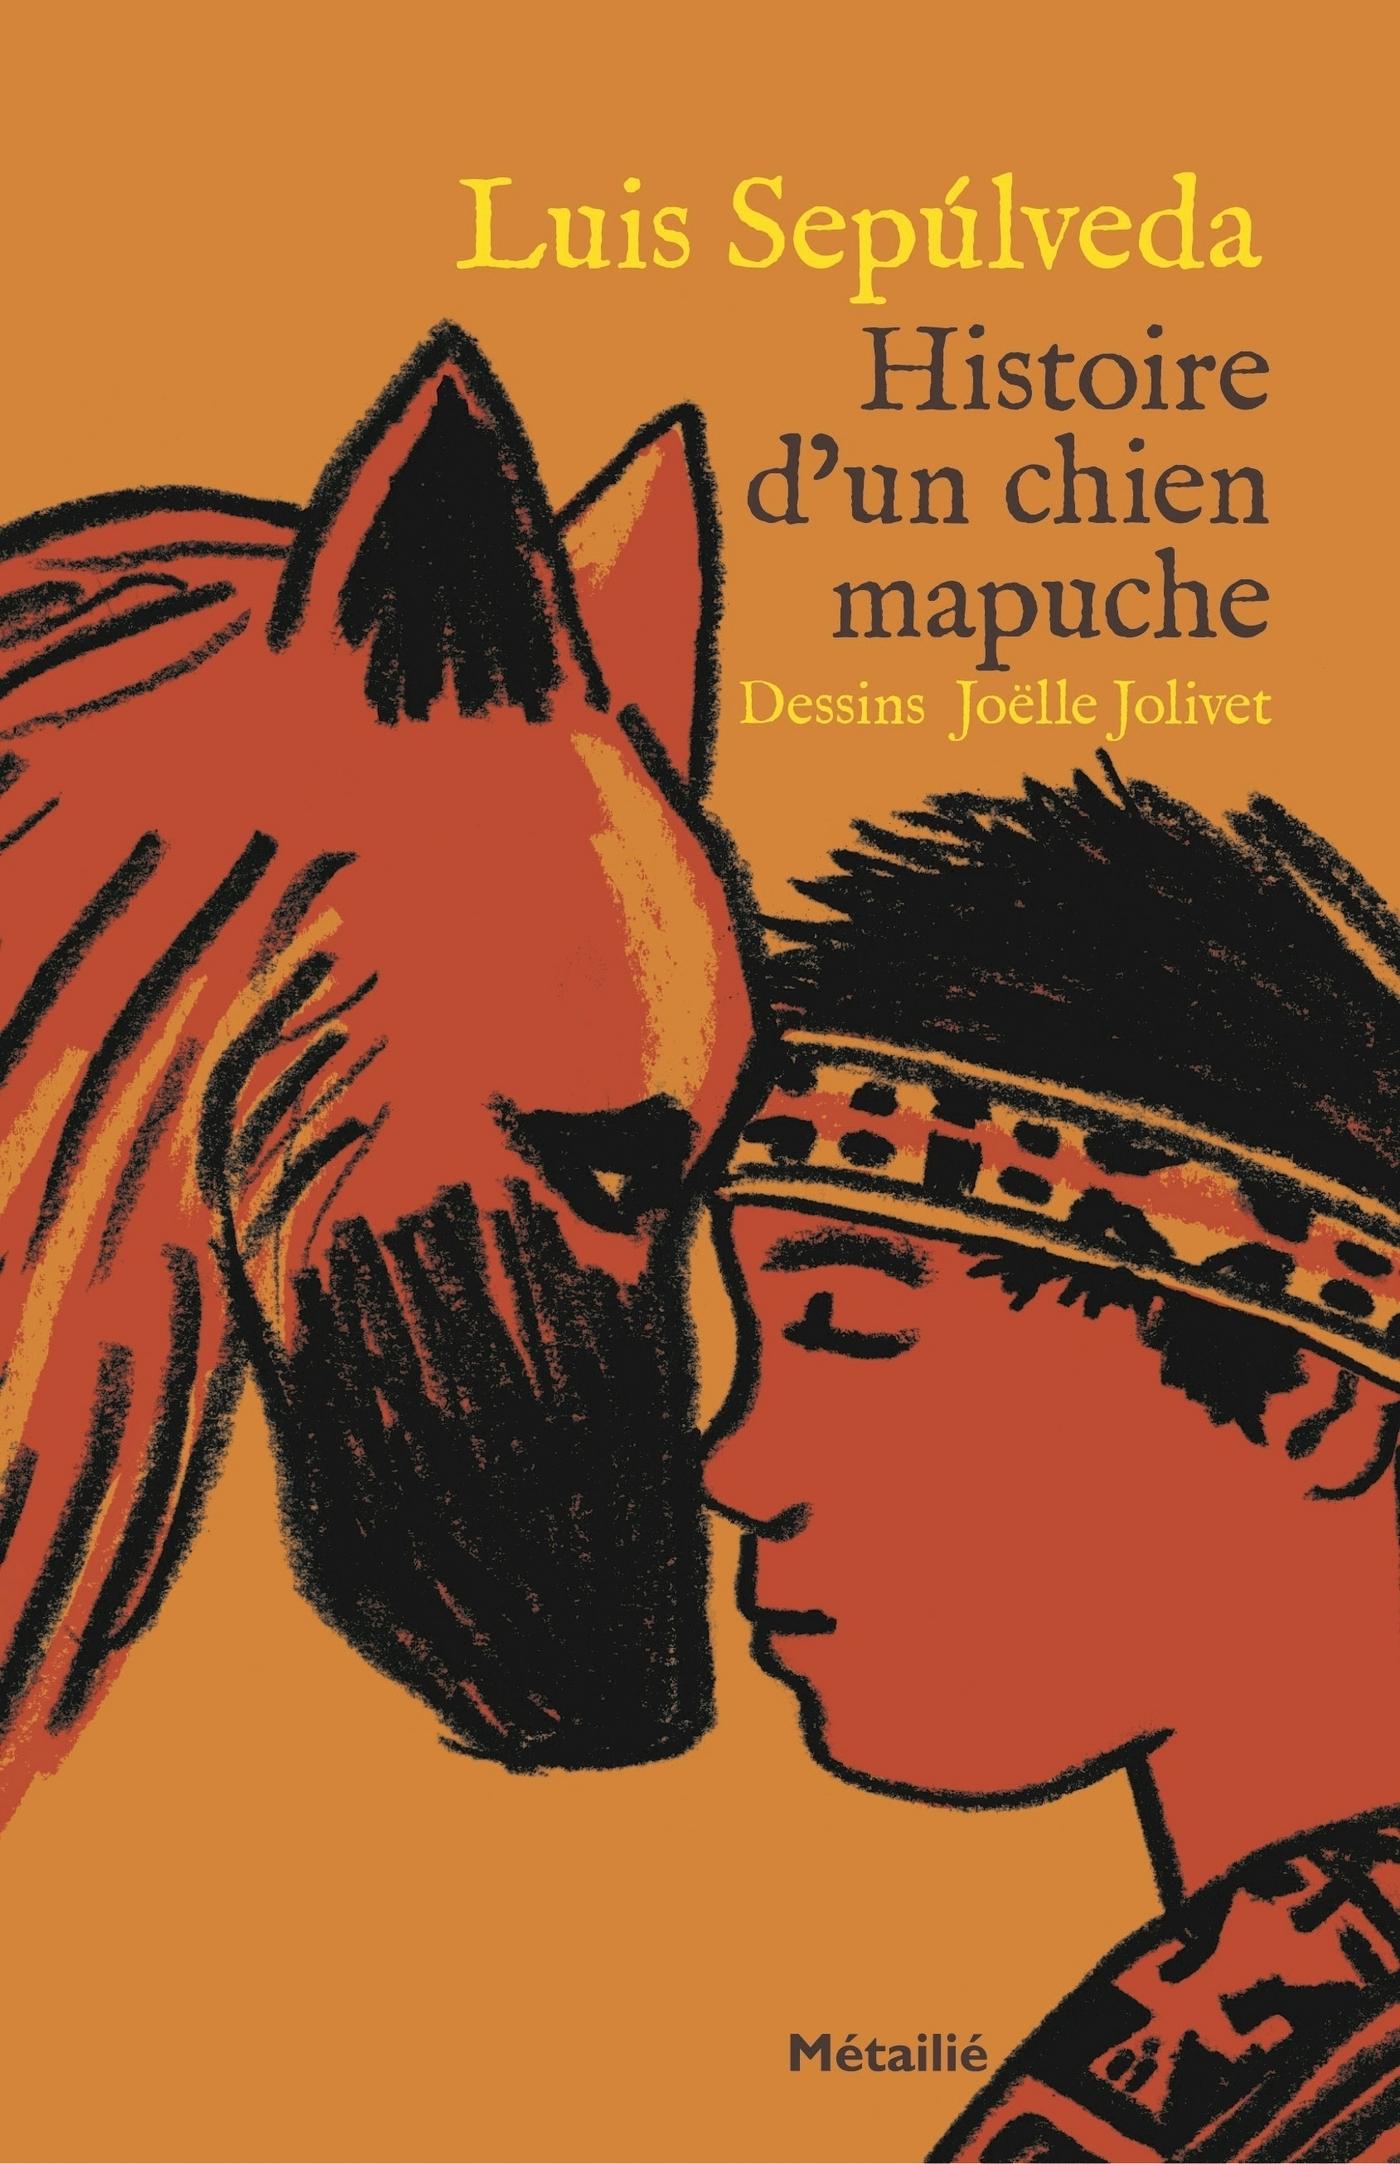 Histoire d'un chien mapuche | Sepúlveda, Luis